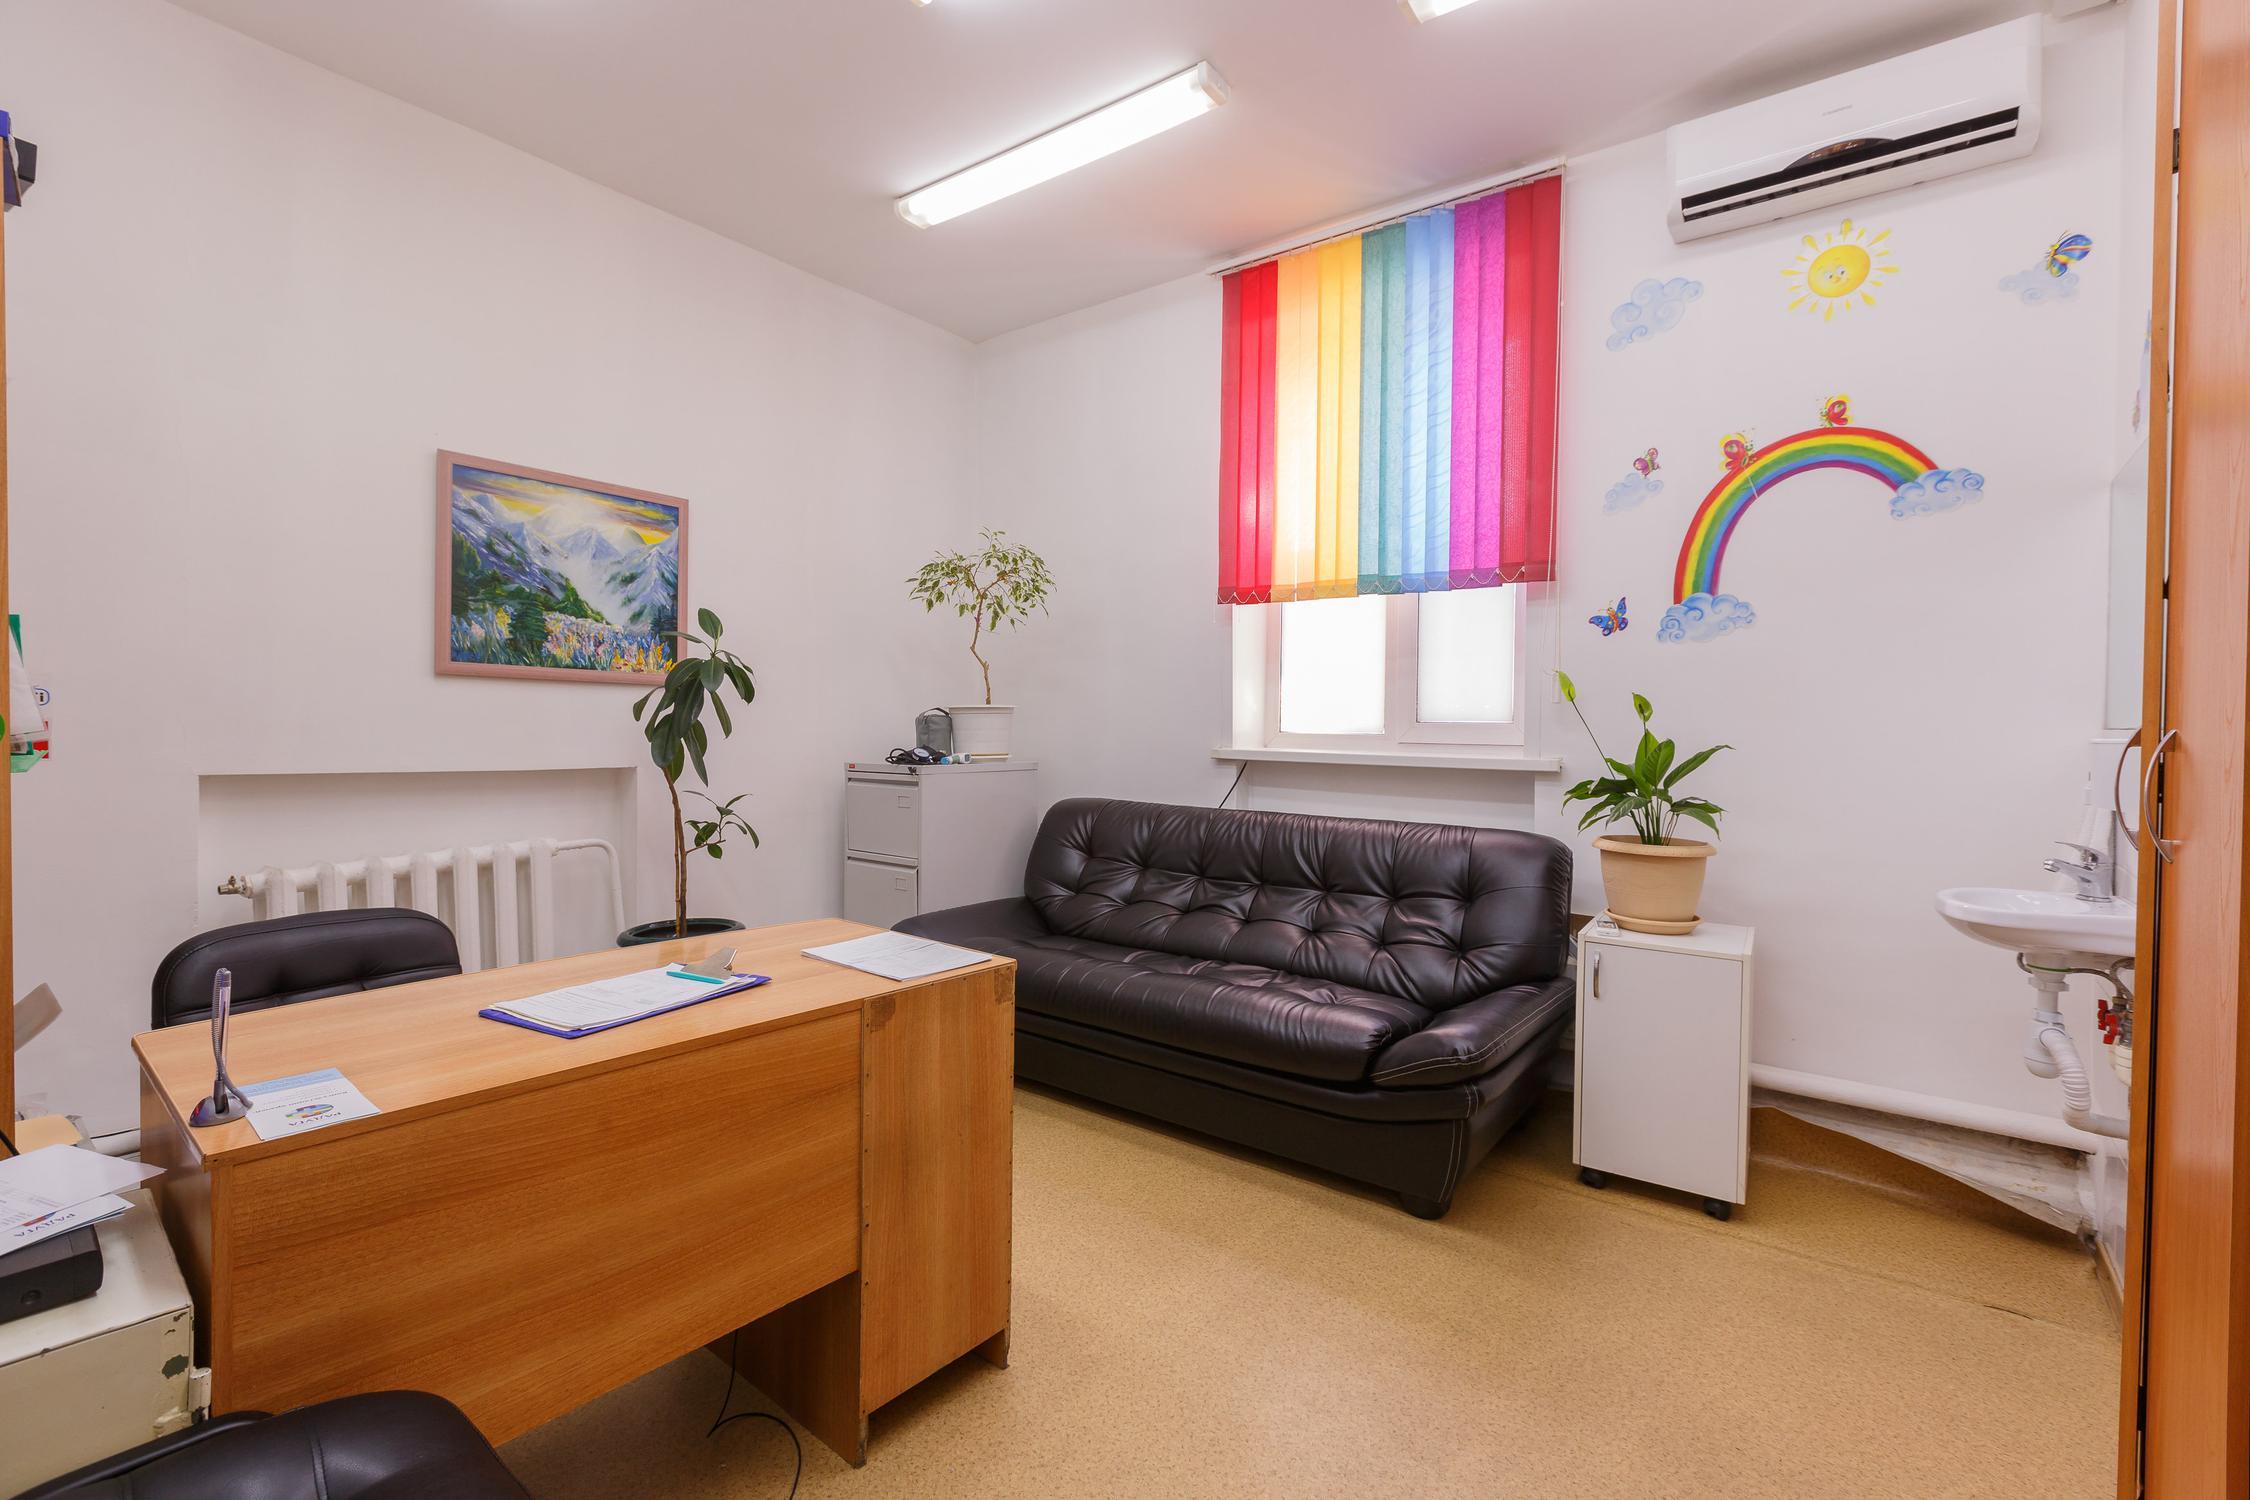 Наркологический клиника радуга лечение наркомании и токсикомании похмельная служба